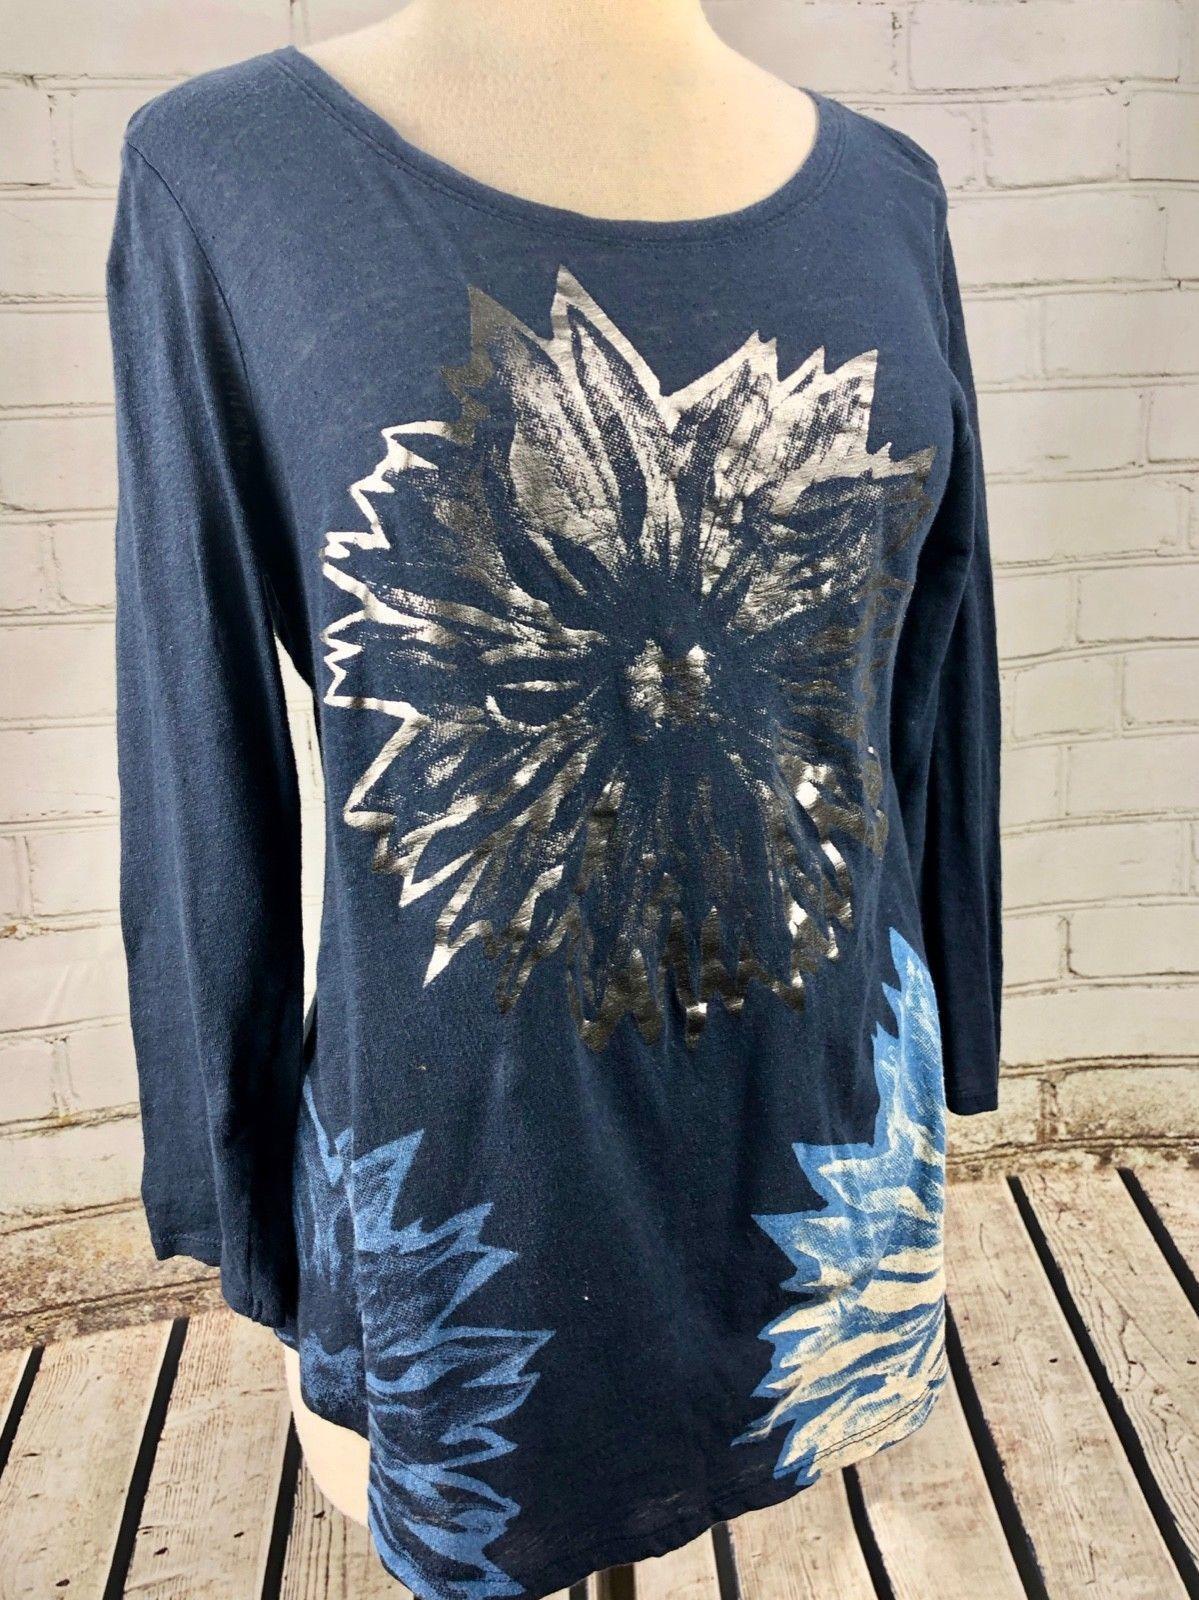 Lucky Brand Top T-Shirt Women's S Loose Fit Lightweight Linen Cotton Knit Flower